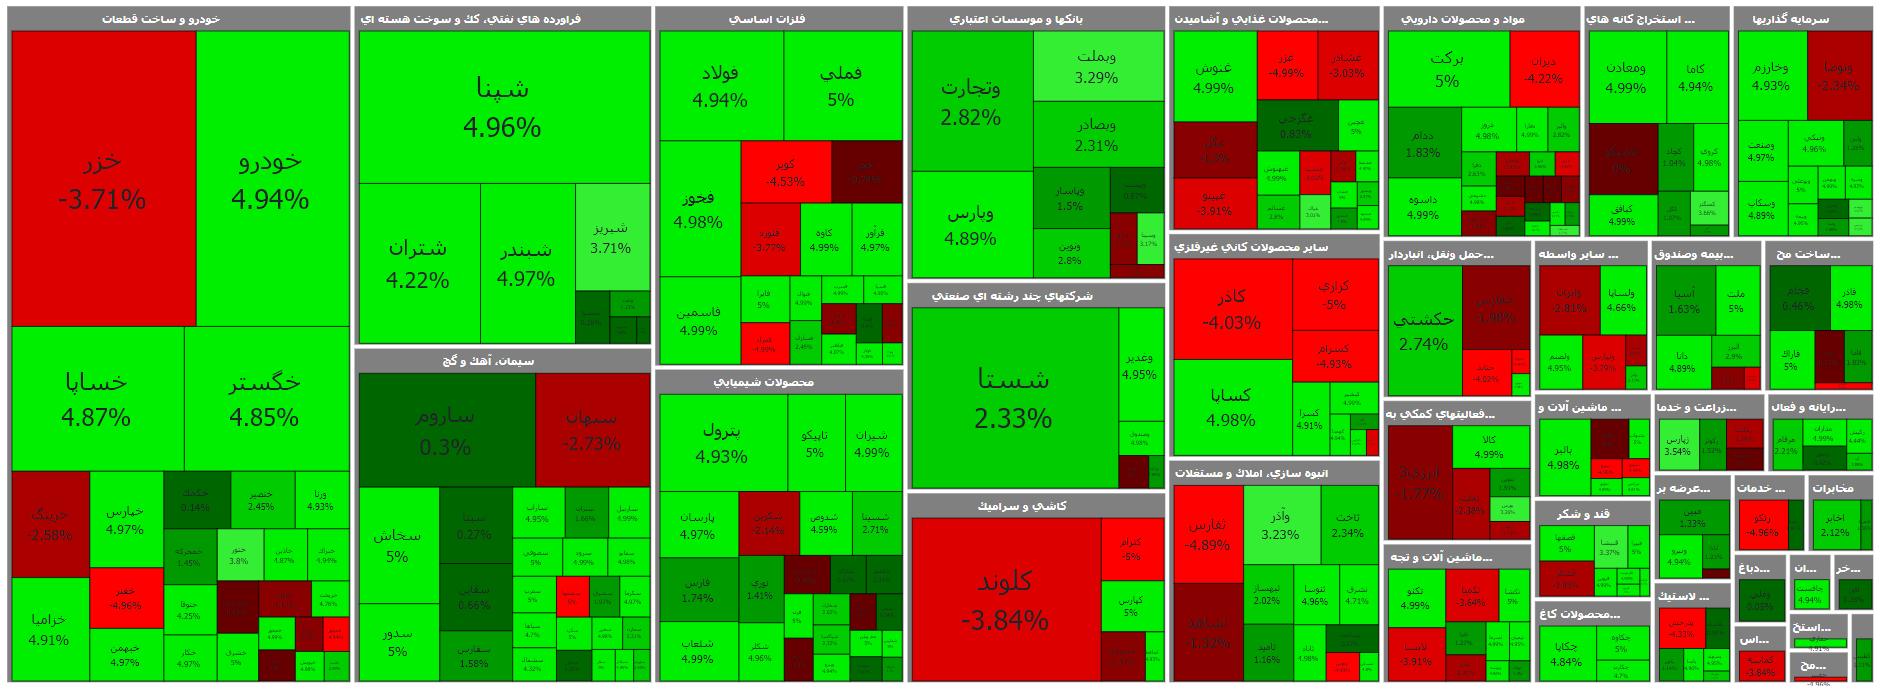 کاربرد نقشه بازار